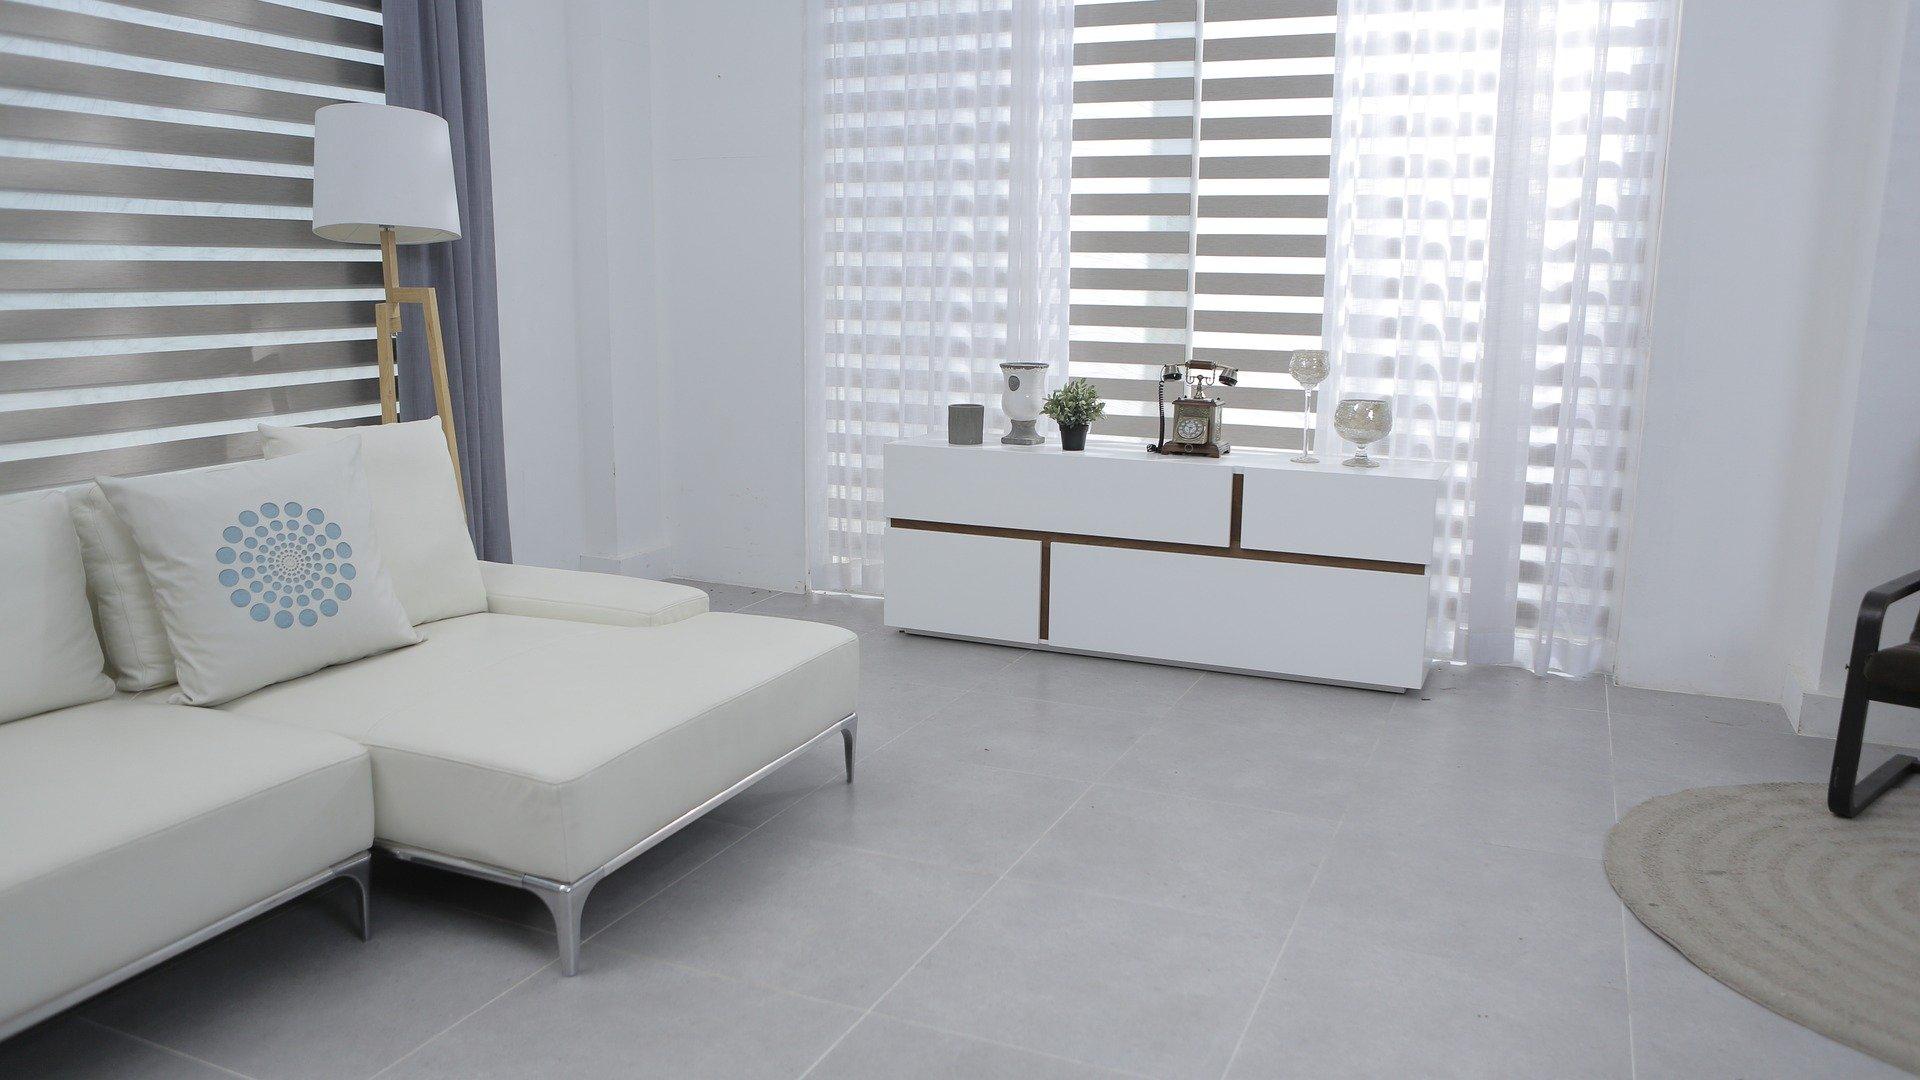 dasMassmöbel-Wohnzimmer-Kommode-Grifflos